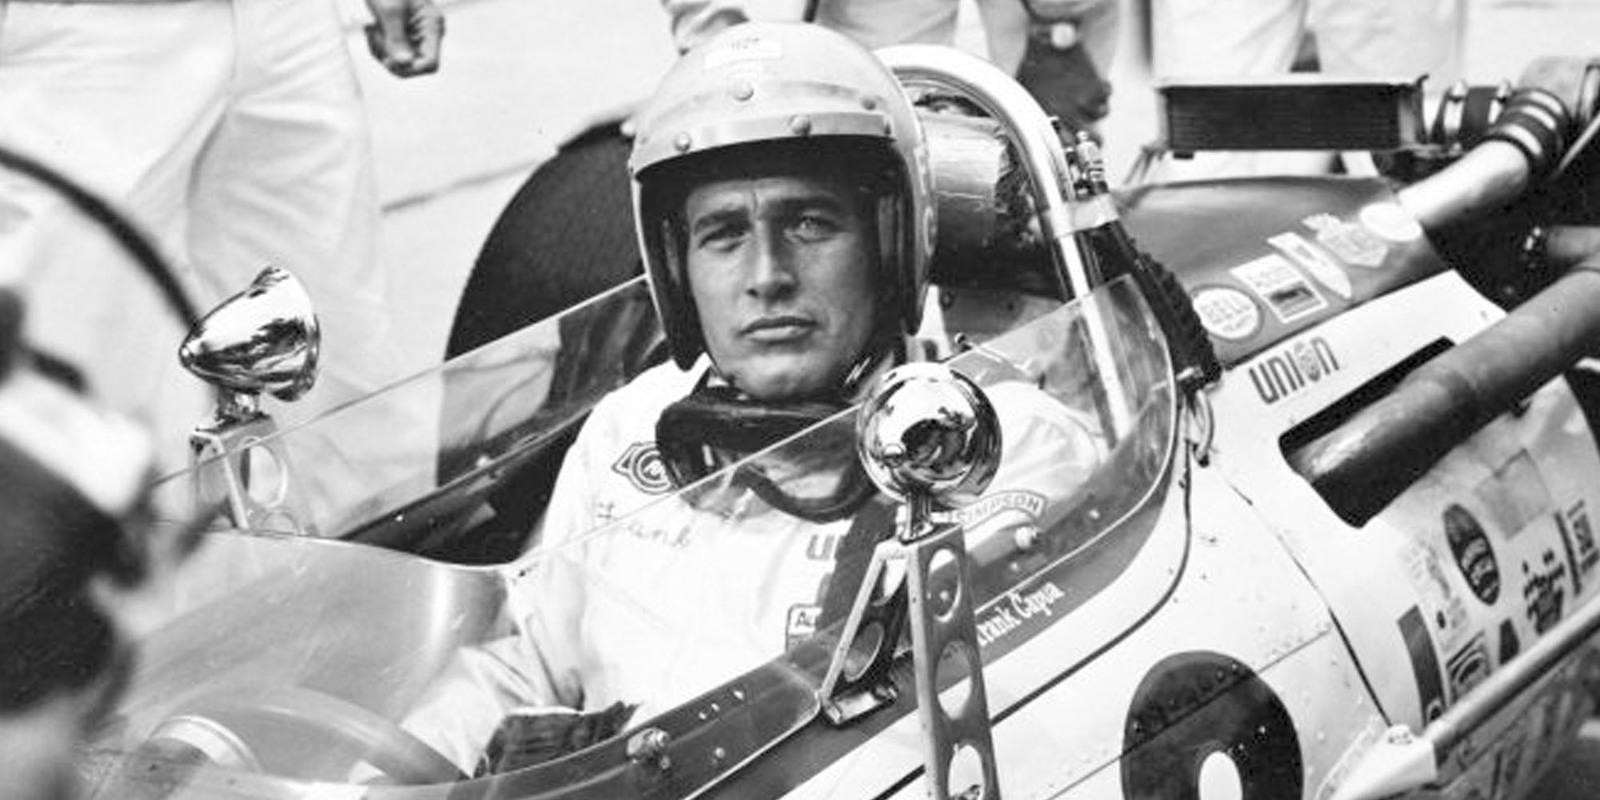 ผลการค้นหารูปภาพสำหรับ paul newman racing